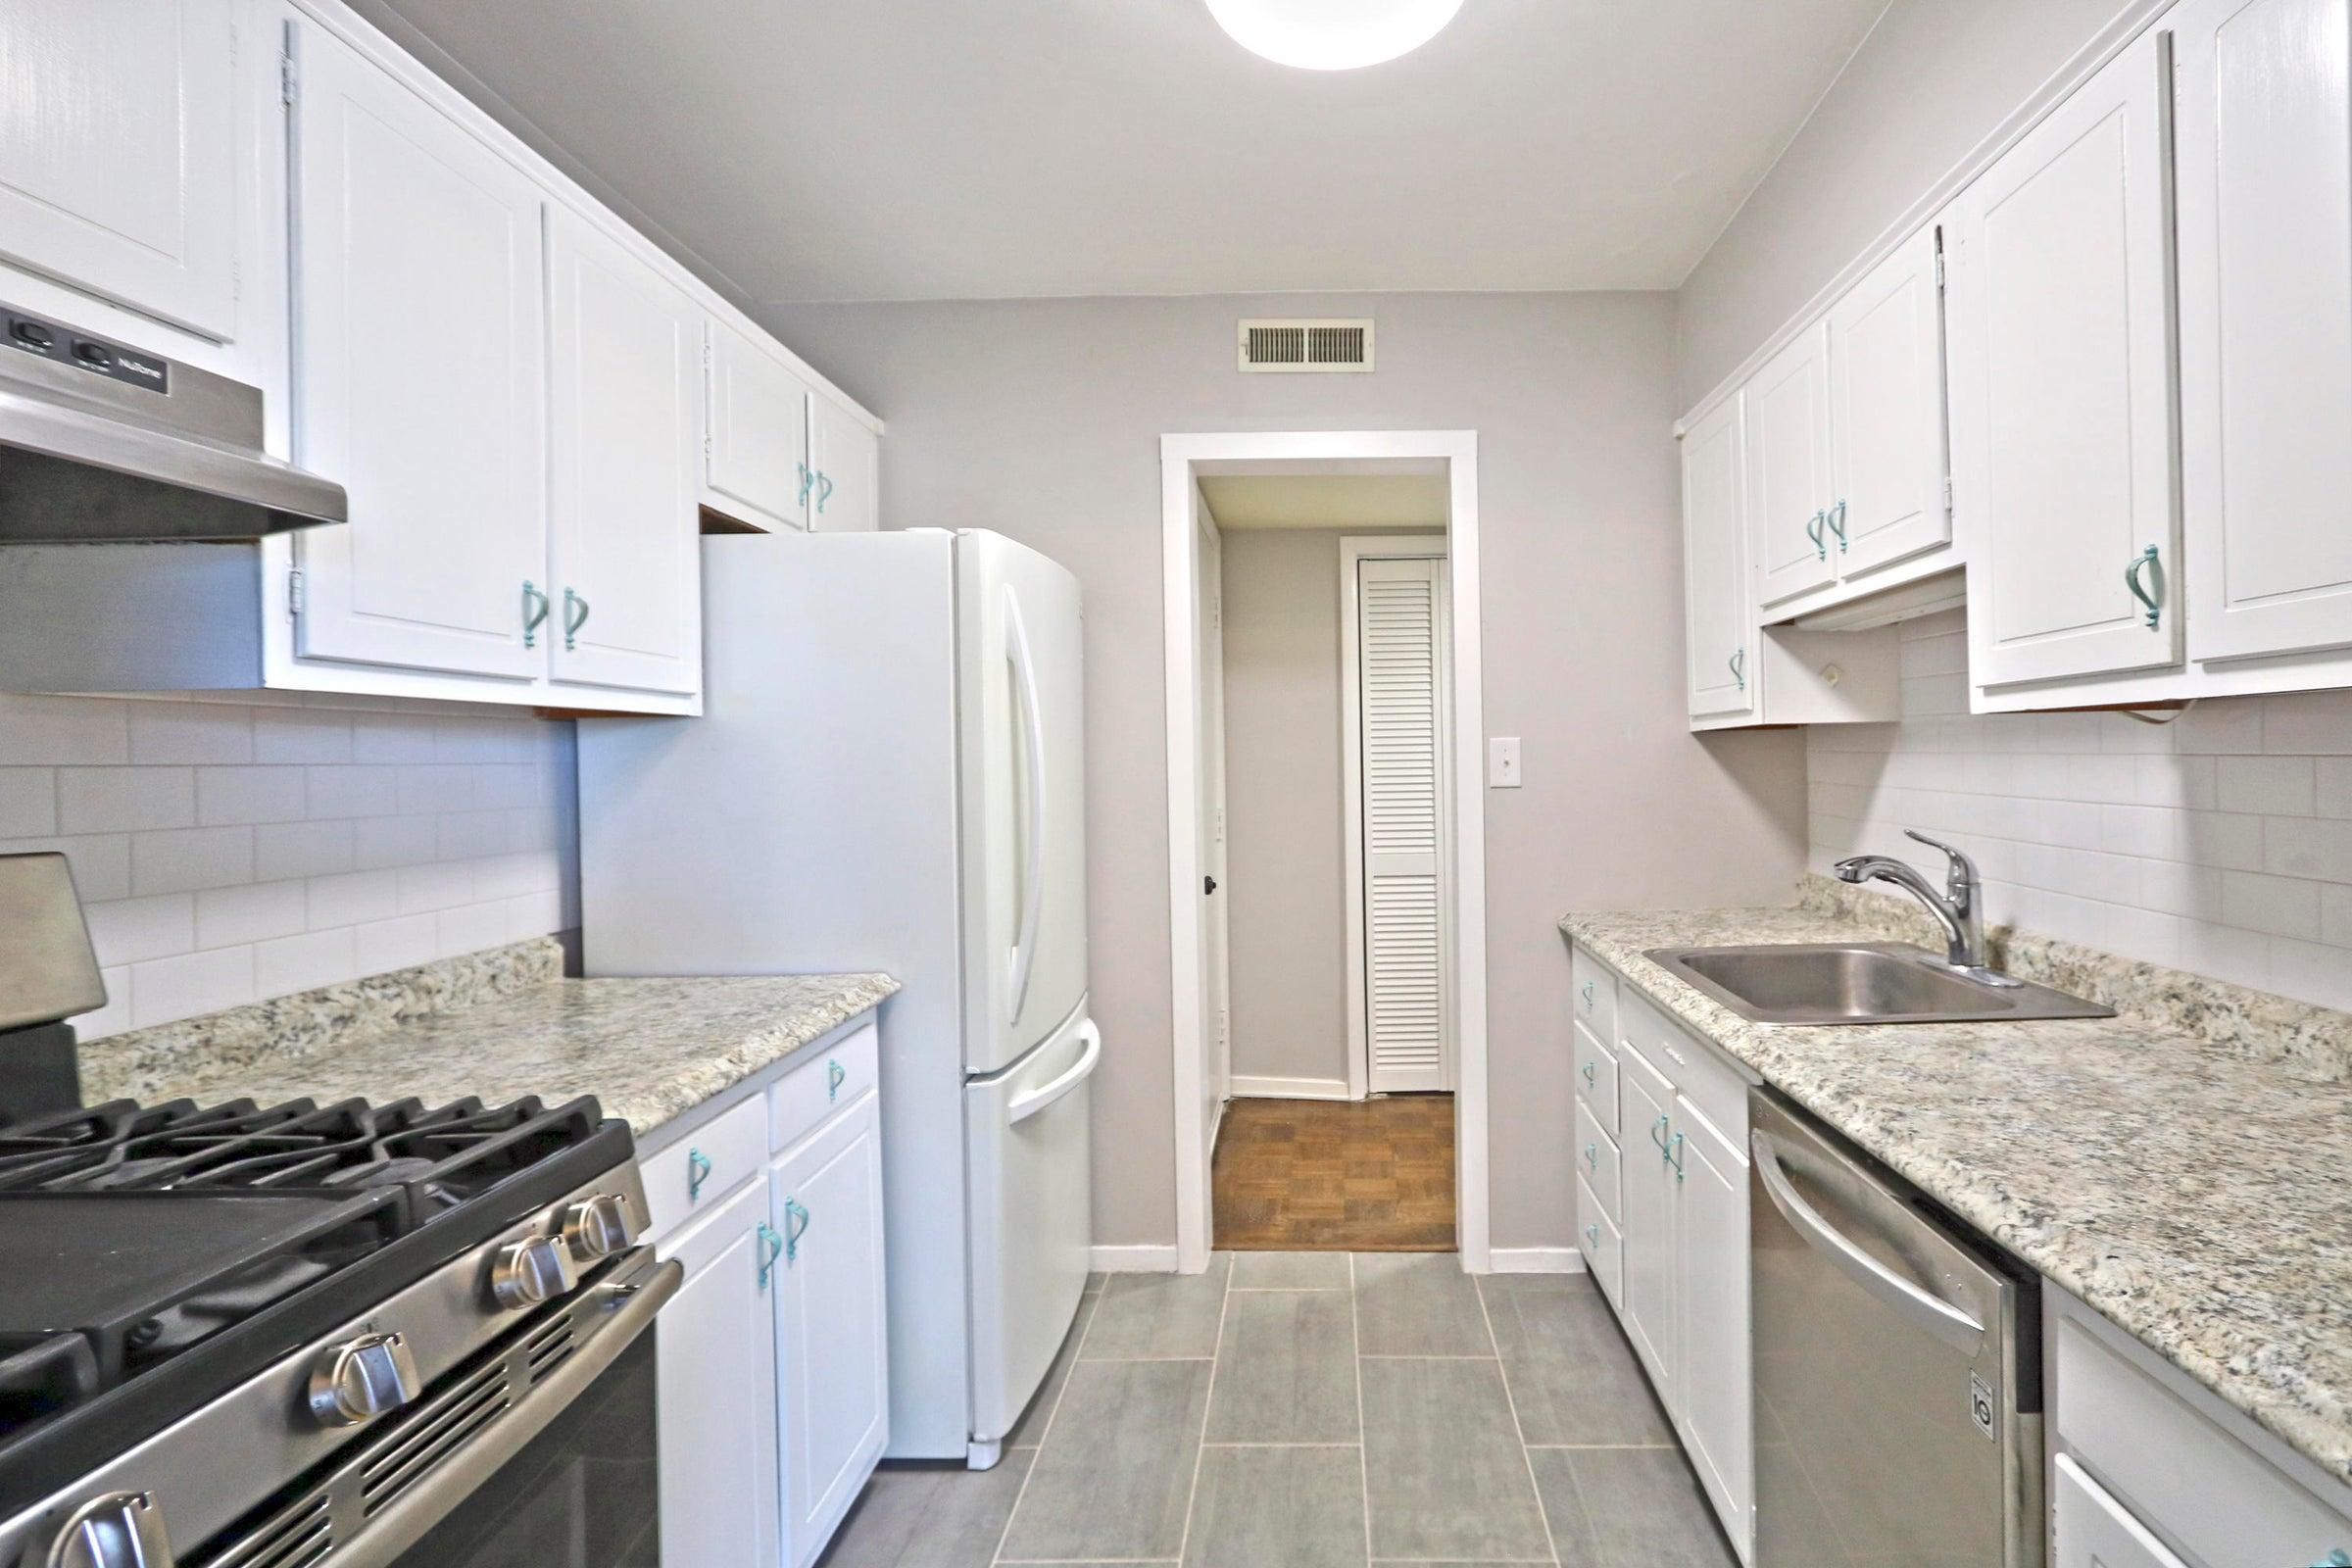 12_Kitchen View 2